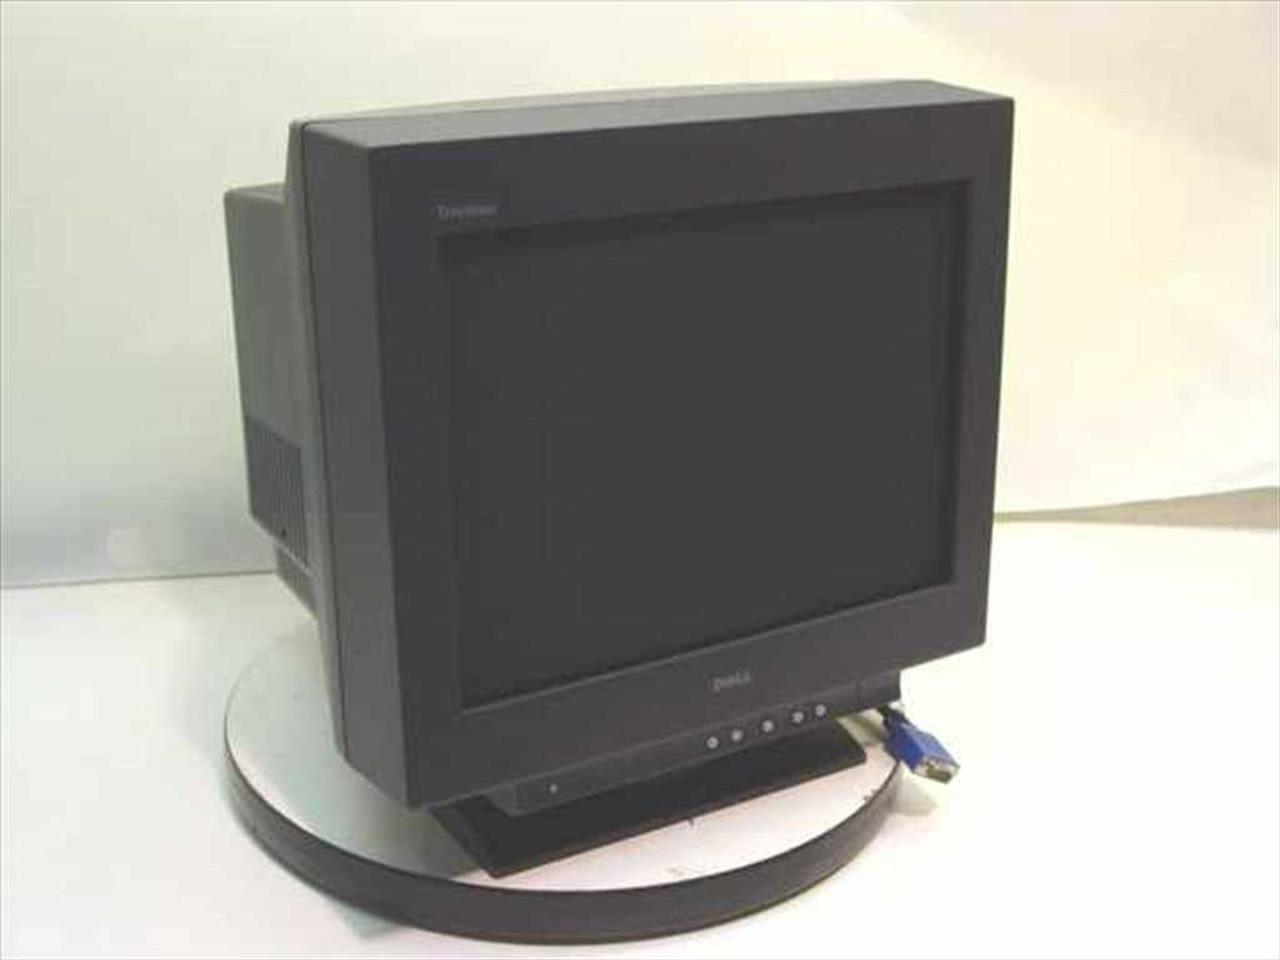 Dell P780 17